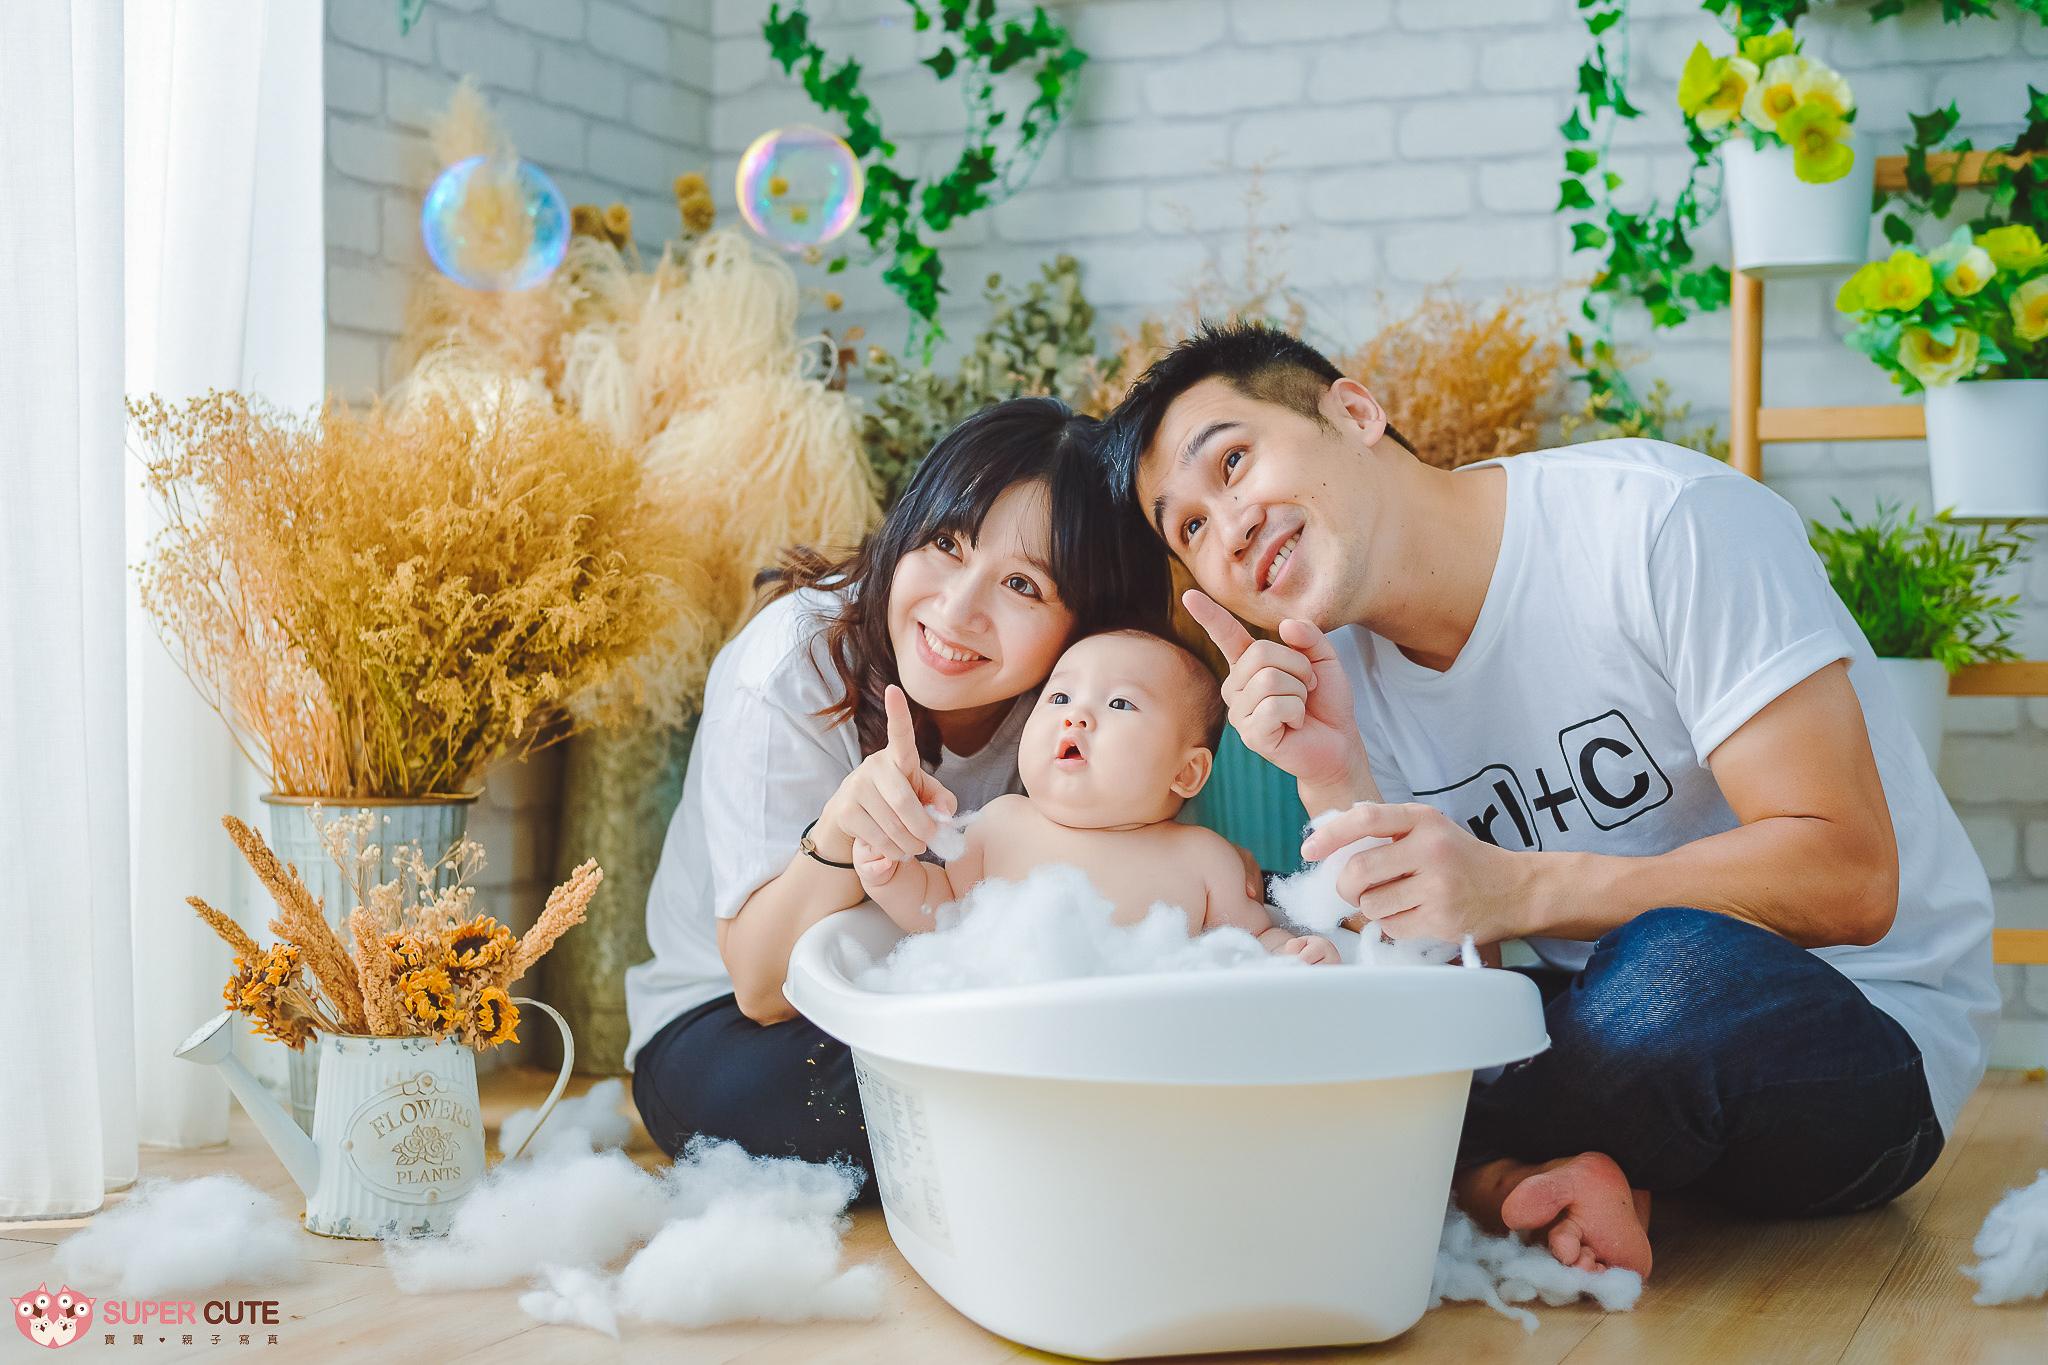 寶寶寫真,寶寶寫真推薦,台北寶寶寫真,小朱爸,supercute寶寶寫真